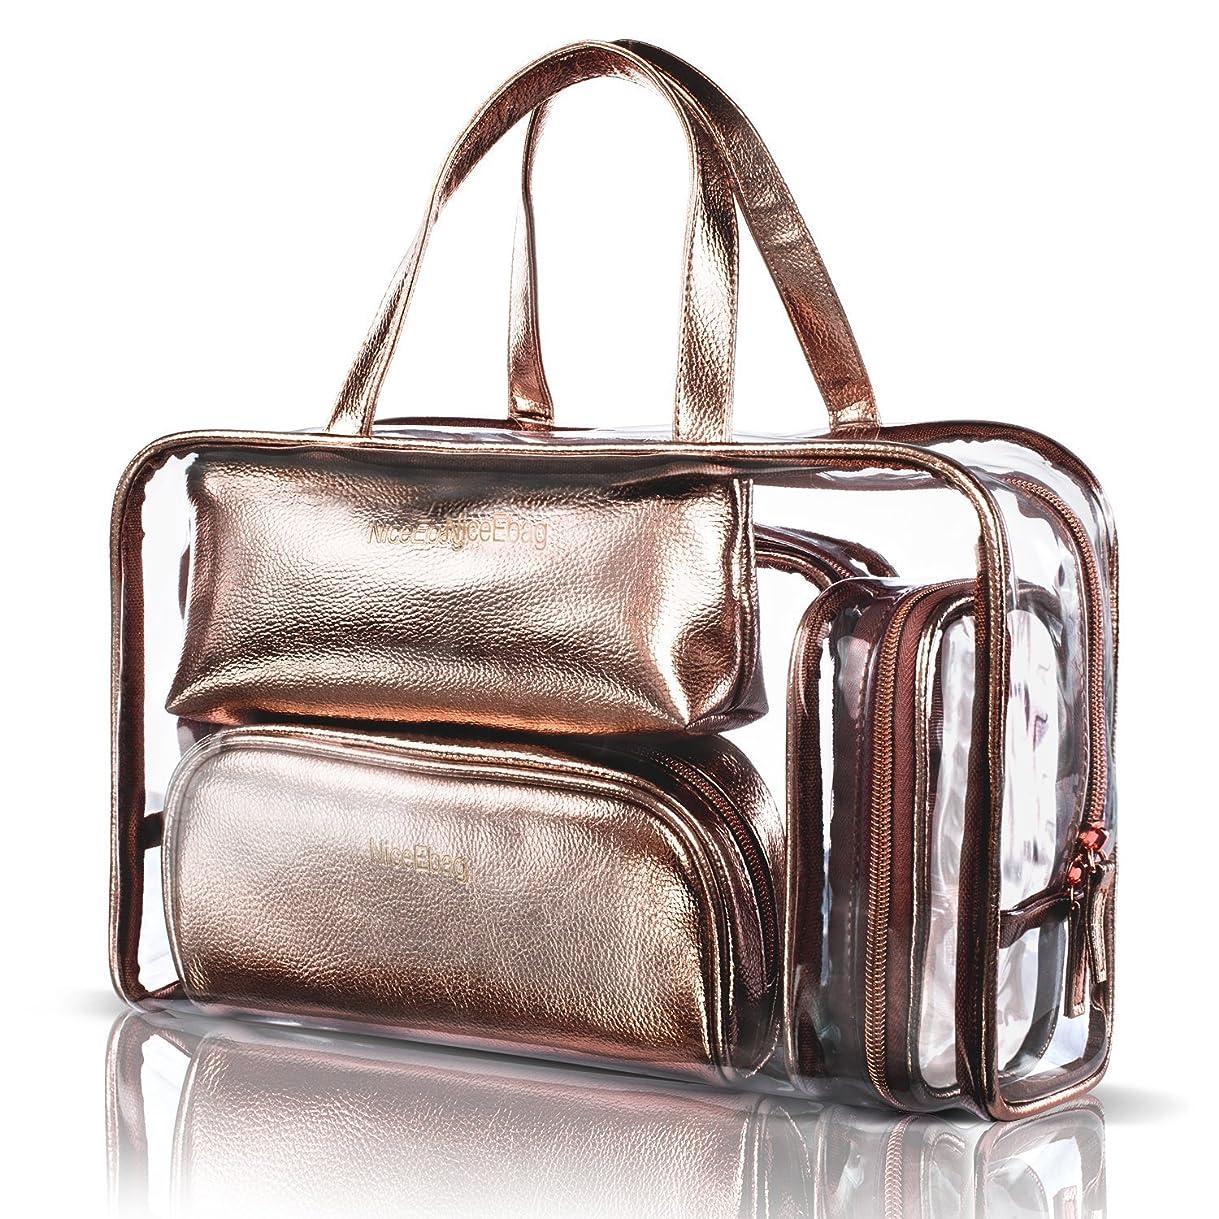 誓う有名人運命的なNiceEbag 透明バック、ビニールバッグ、化粧品バッグ、化粧ポーチ、メイクポーチ、クリアバッグ、プールバック、ハンドバッグ、トートバッグ、スタイリッシュ、オシャレ、かわいい、温泉、海、旅行 ビーチ ビジネス スパンコール 防水性 5個セットバック ローズゴールド